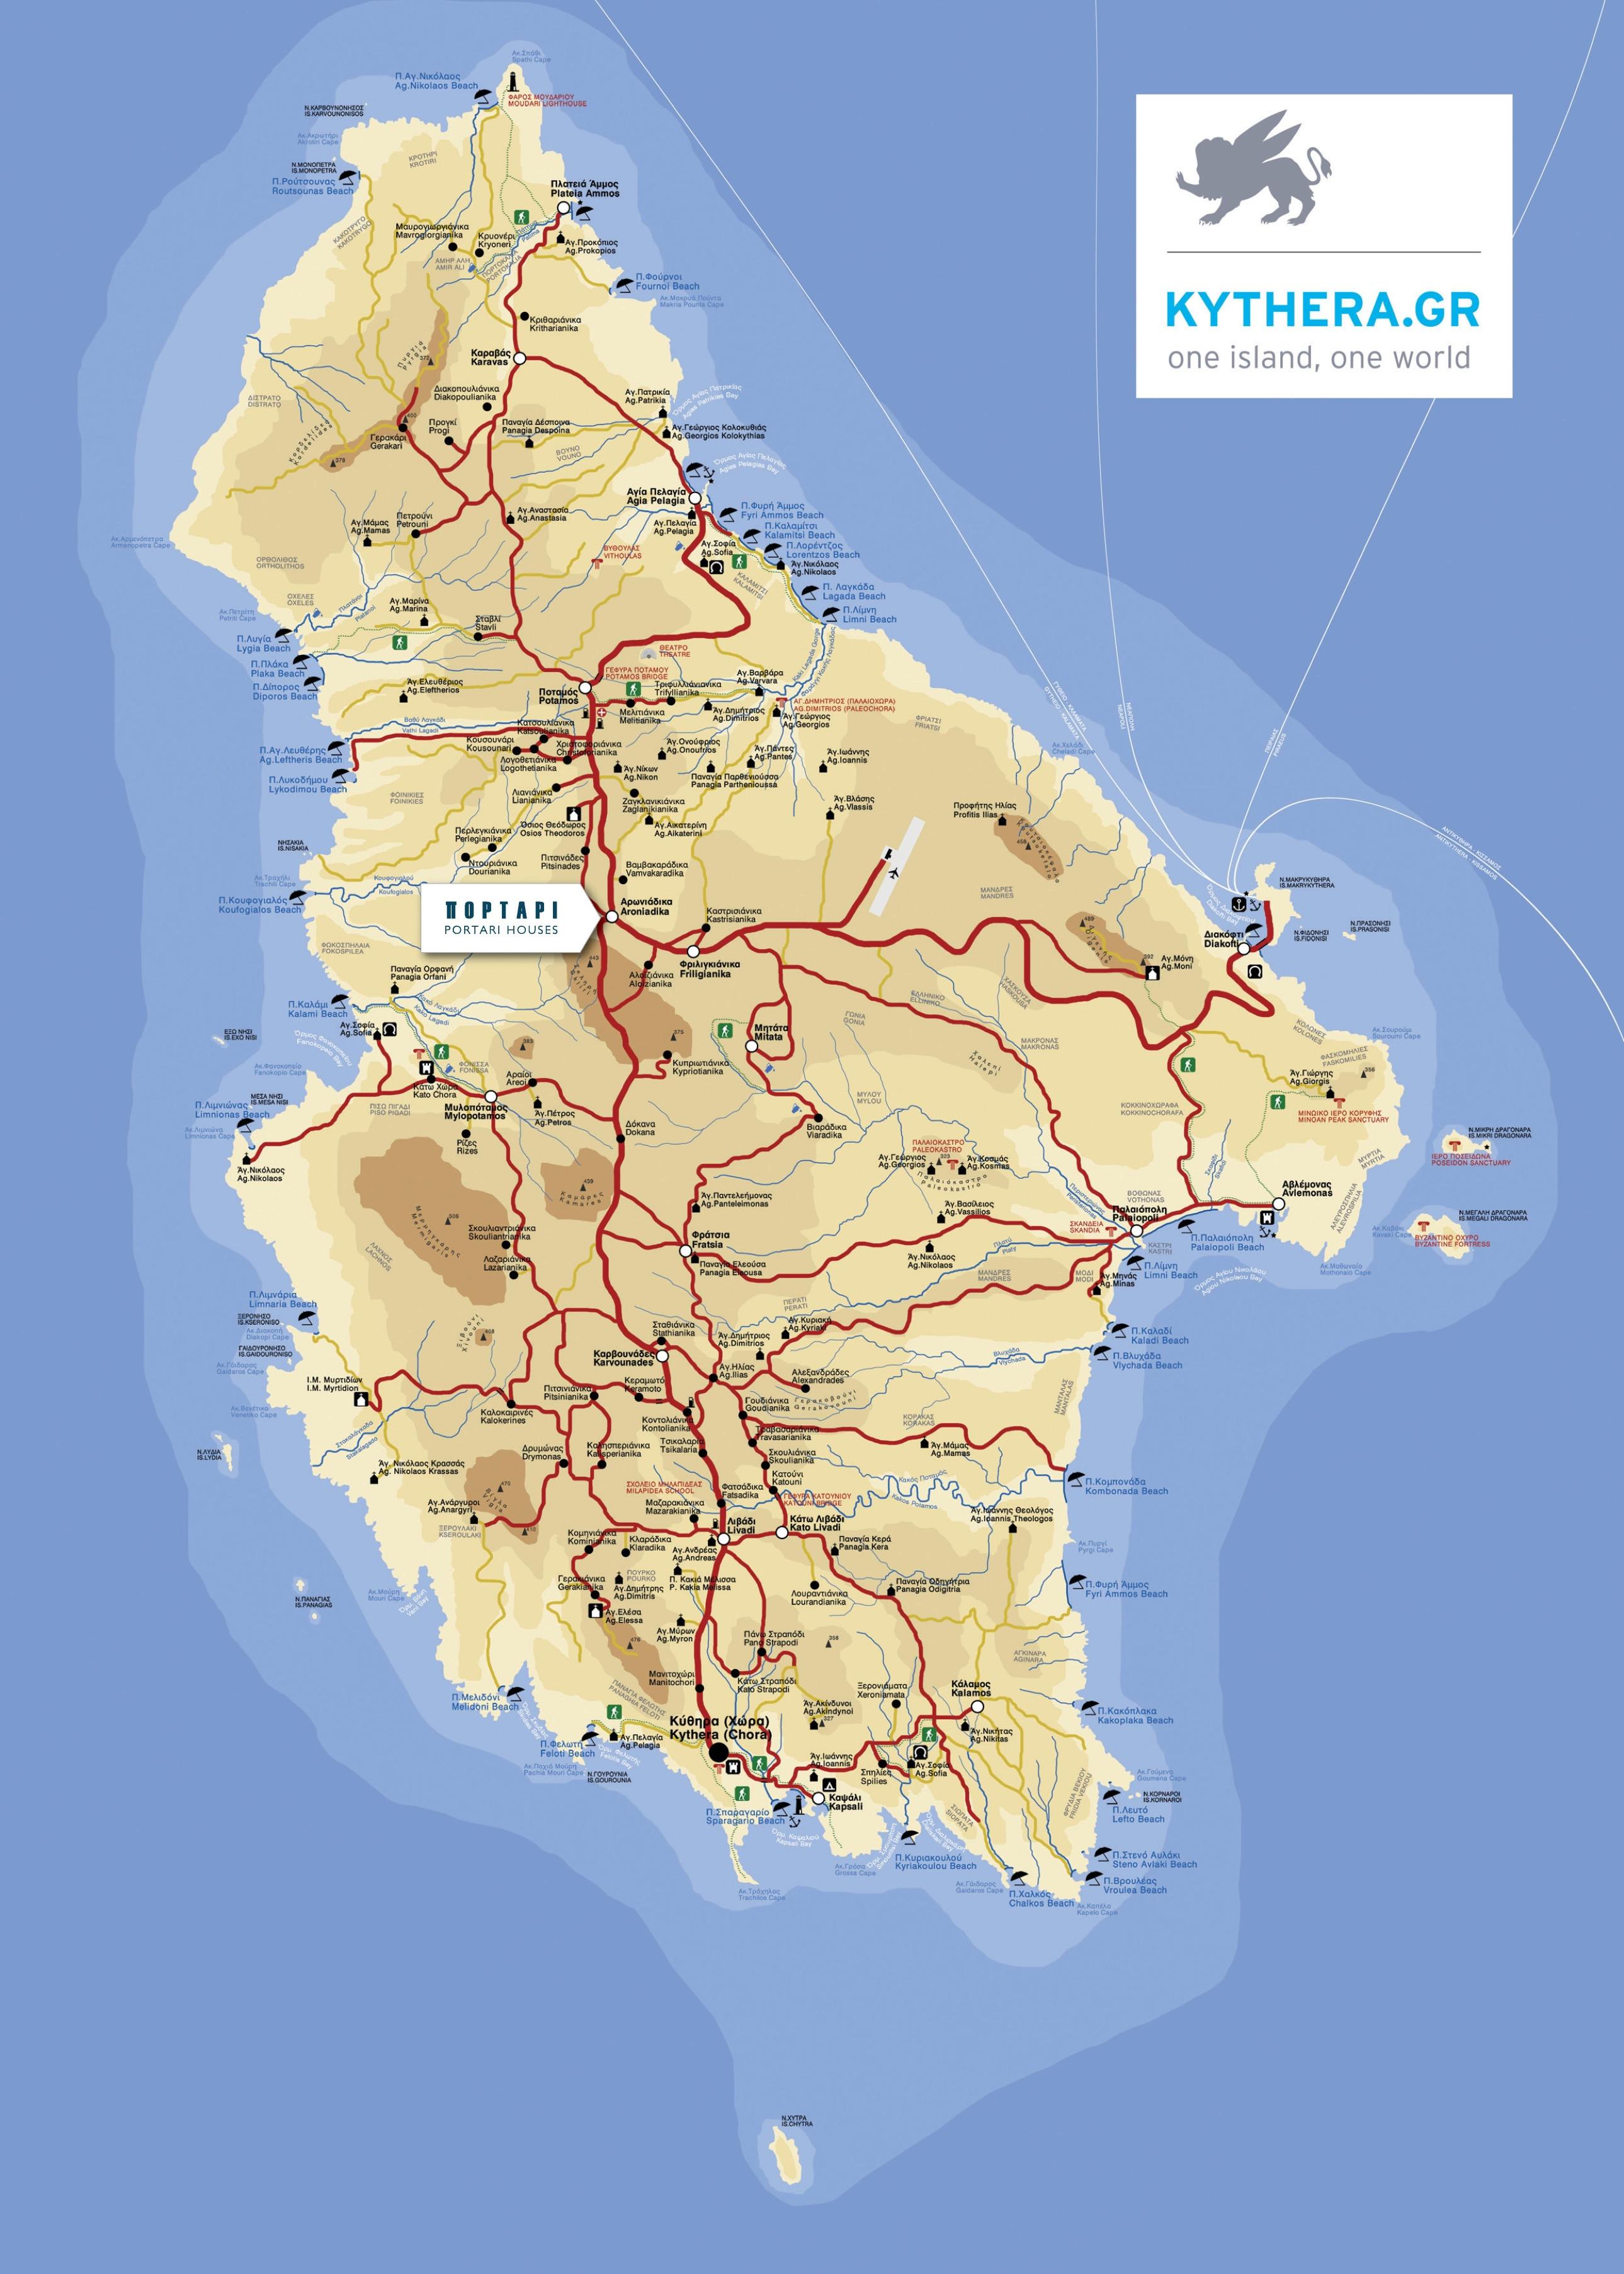 Kythira Tourist Map